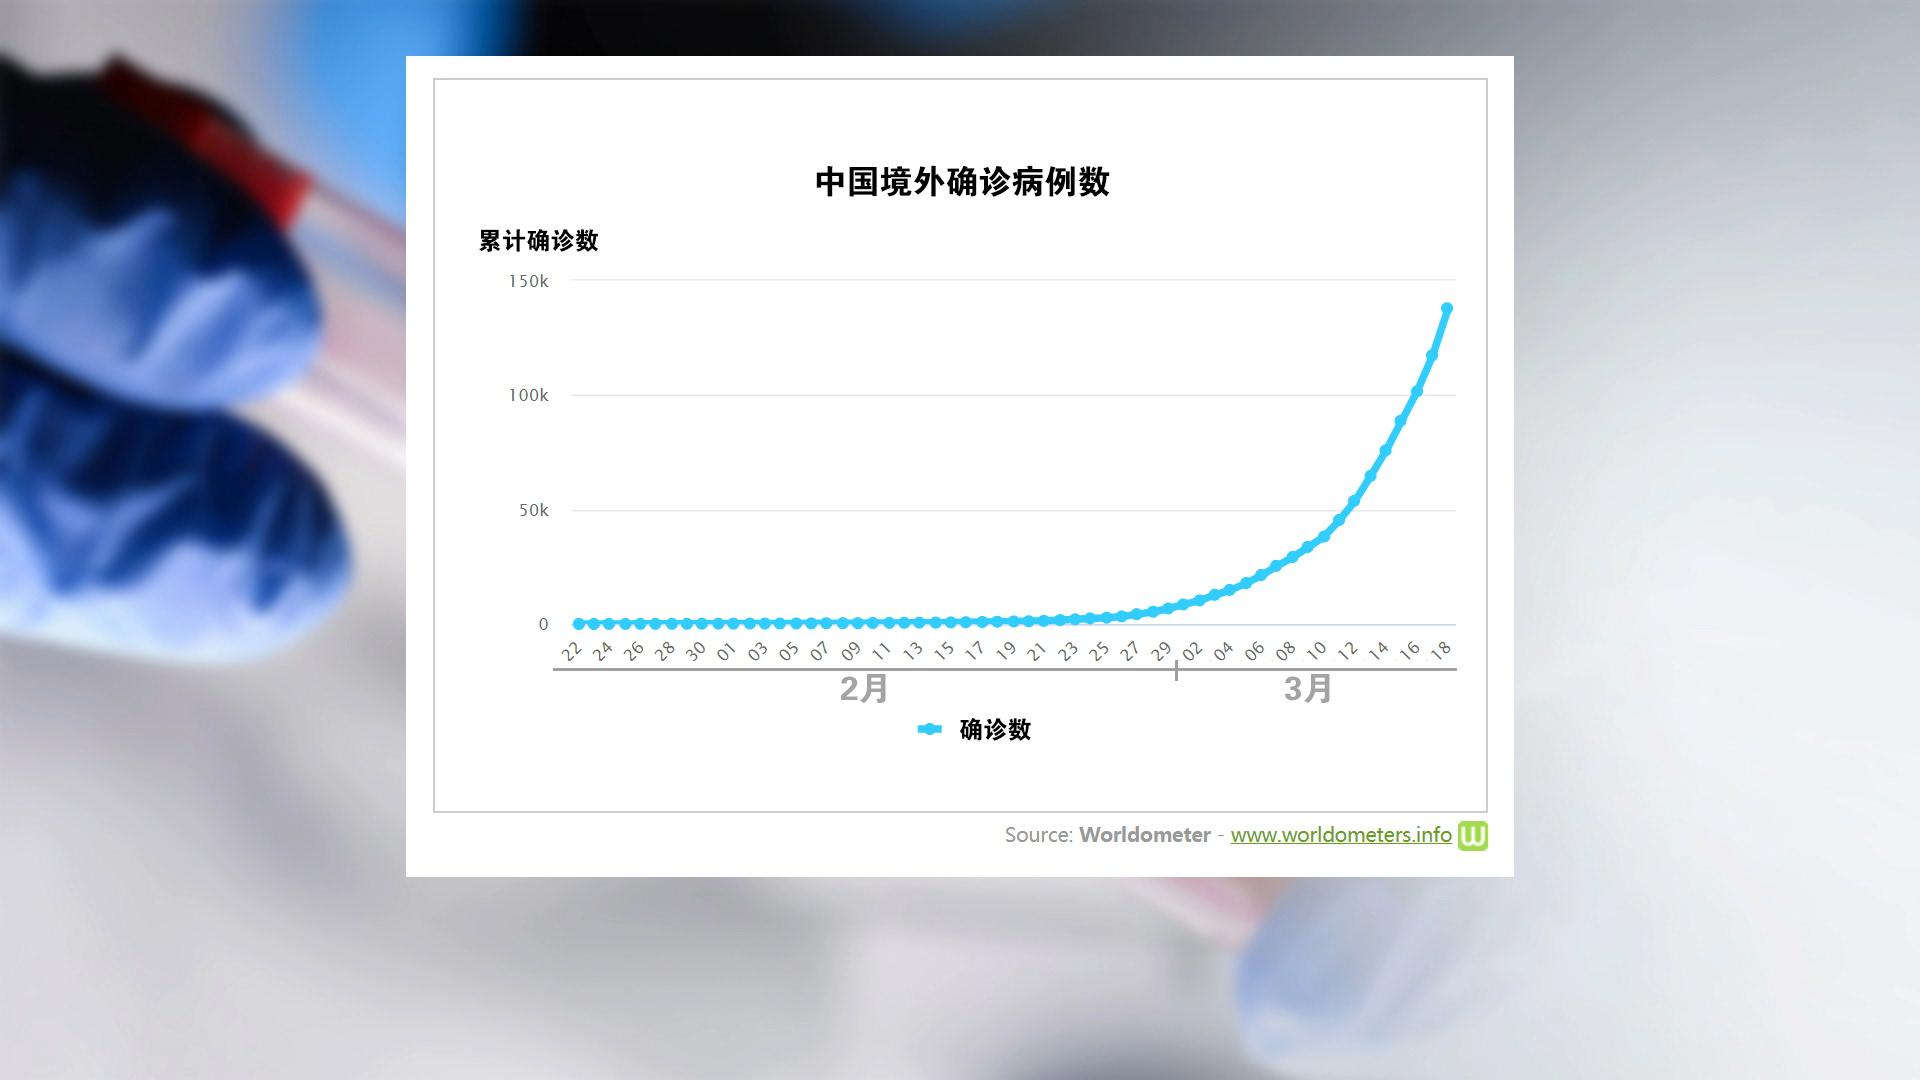 蓝冠,频|这条蓝冠90度向上的曲线何图片